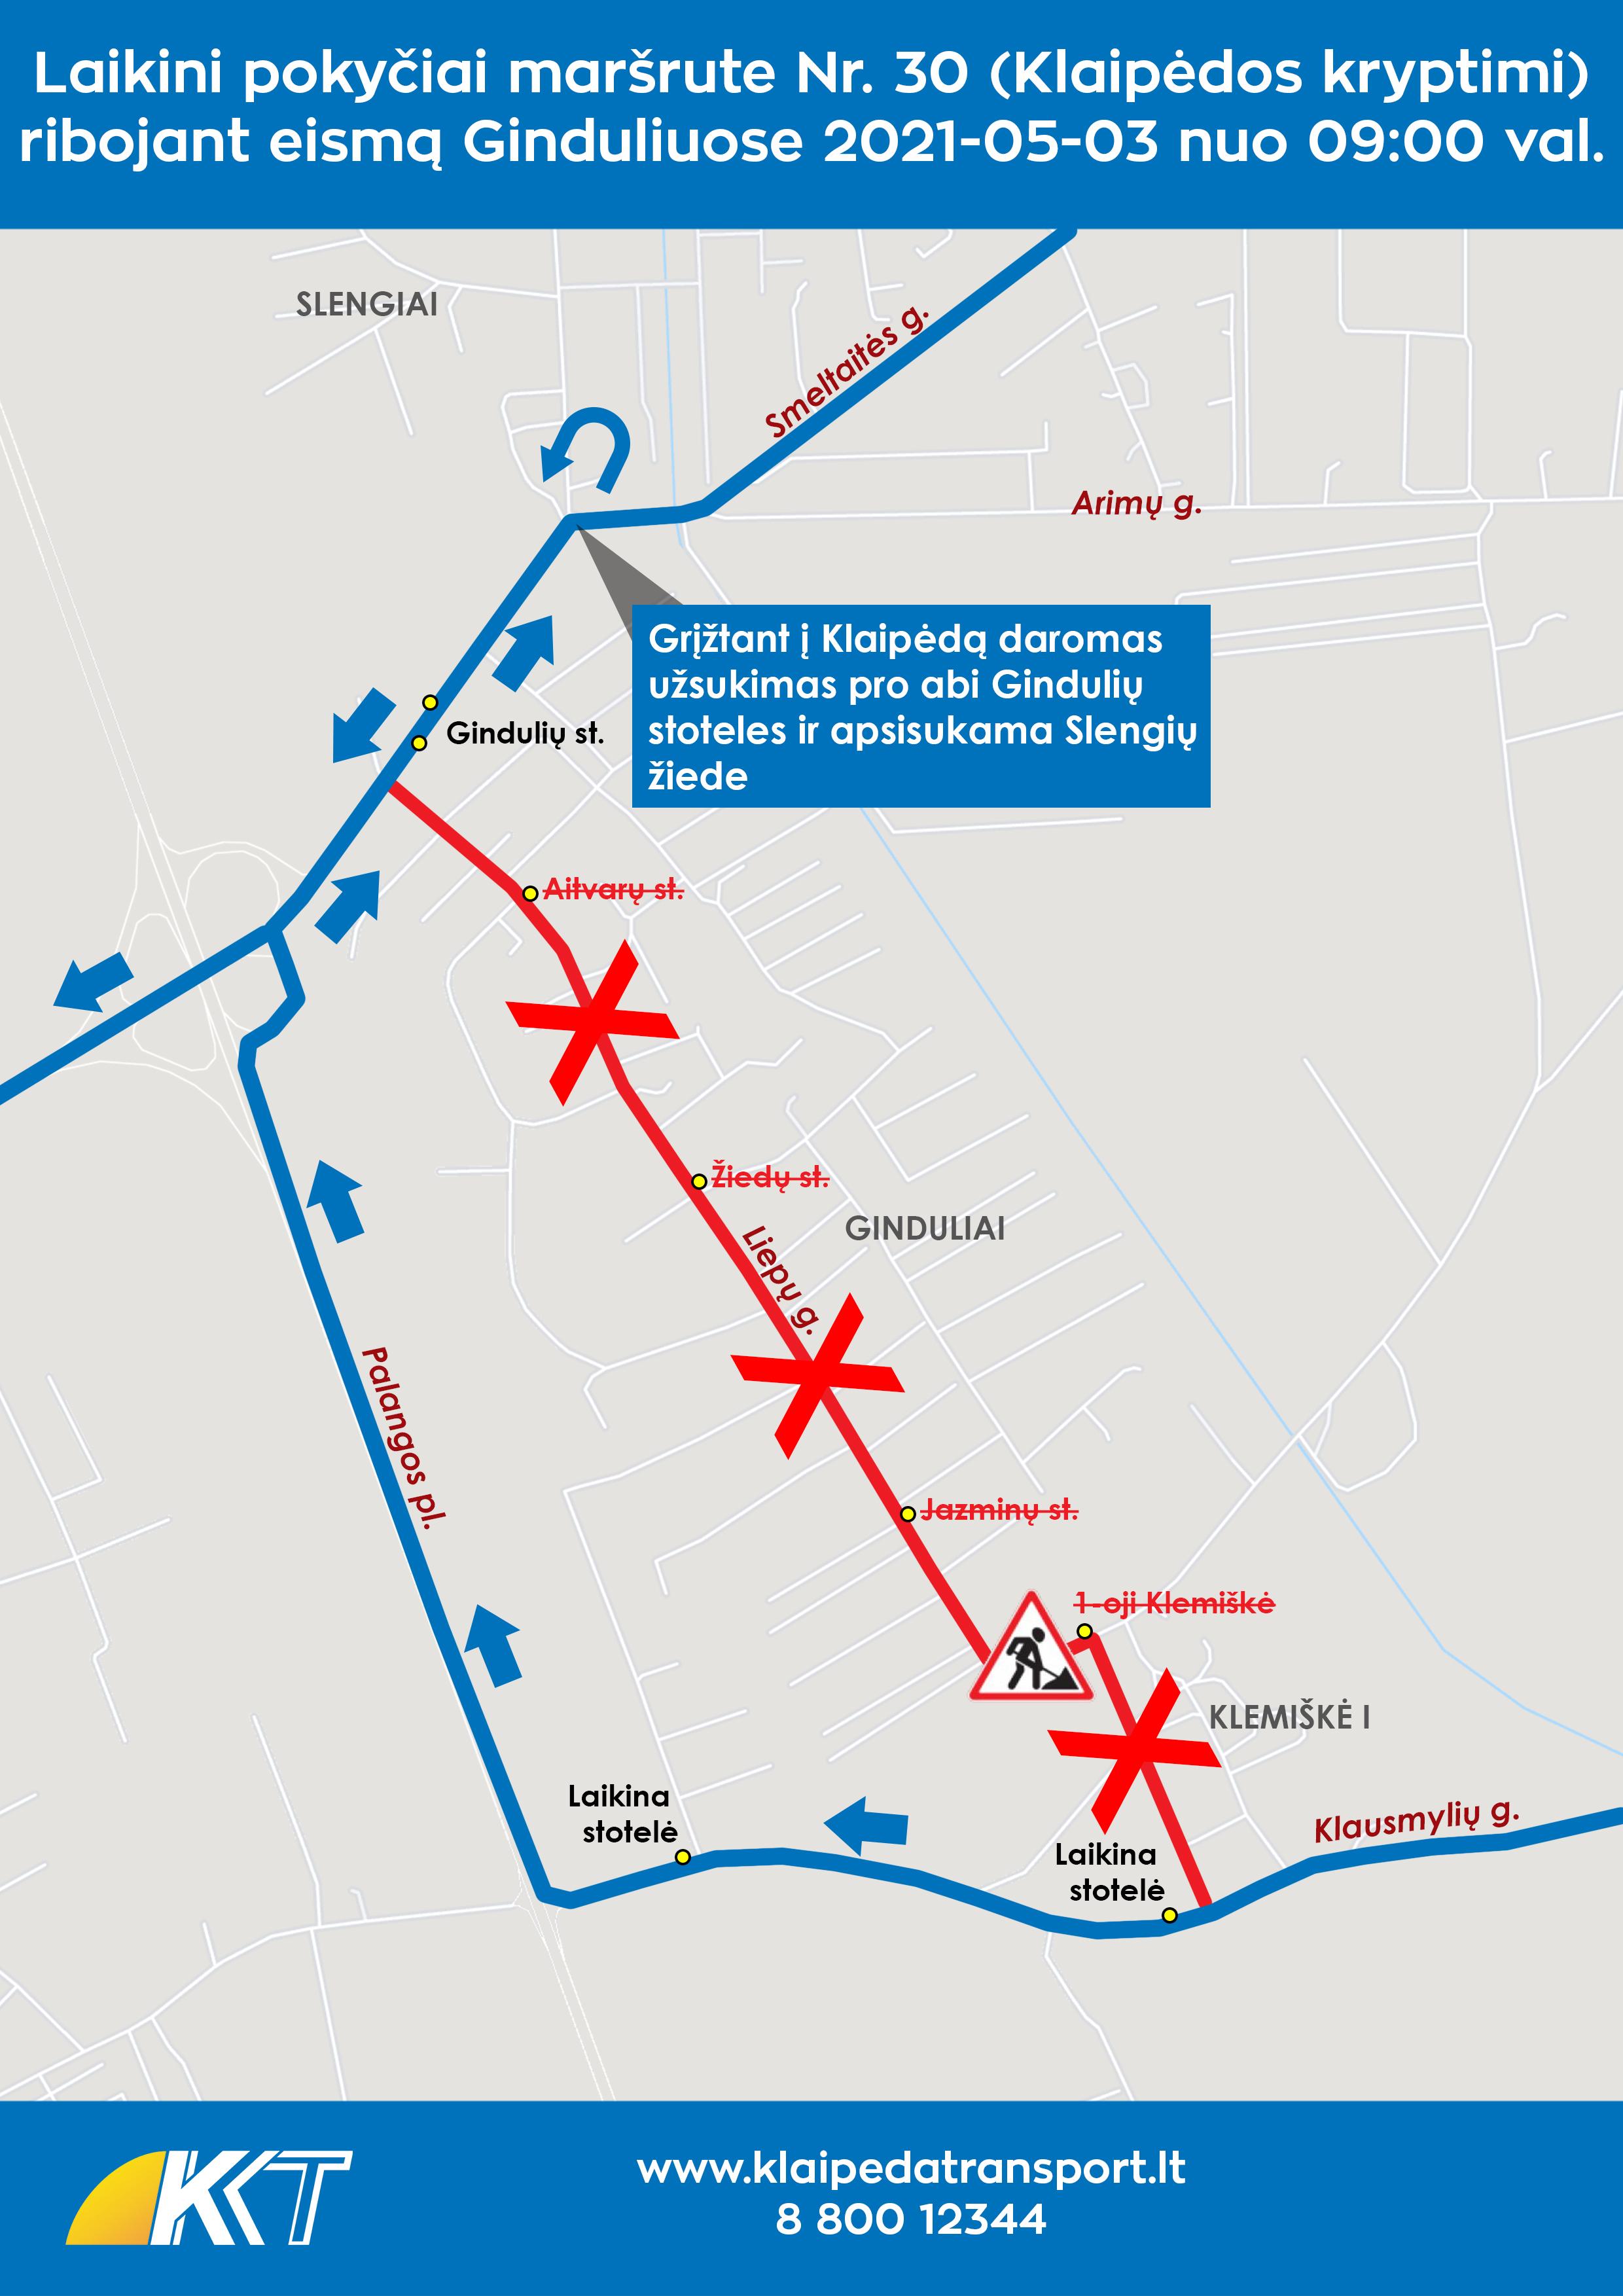 2021-05-03 30 maršrutas - kelio darbai Ginduliuose